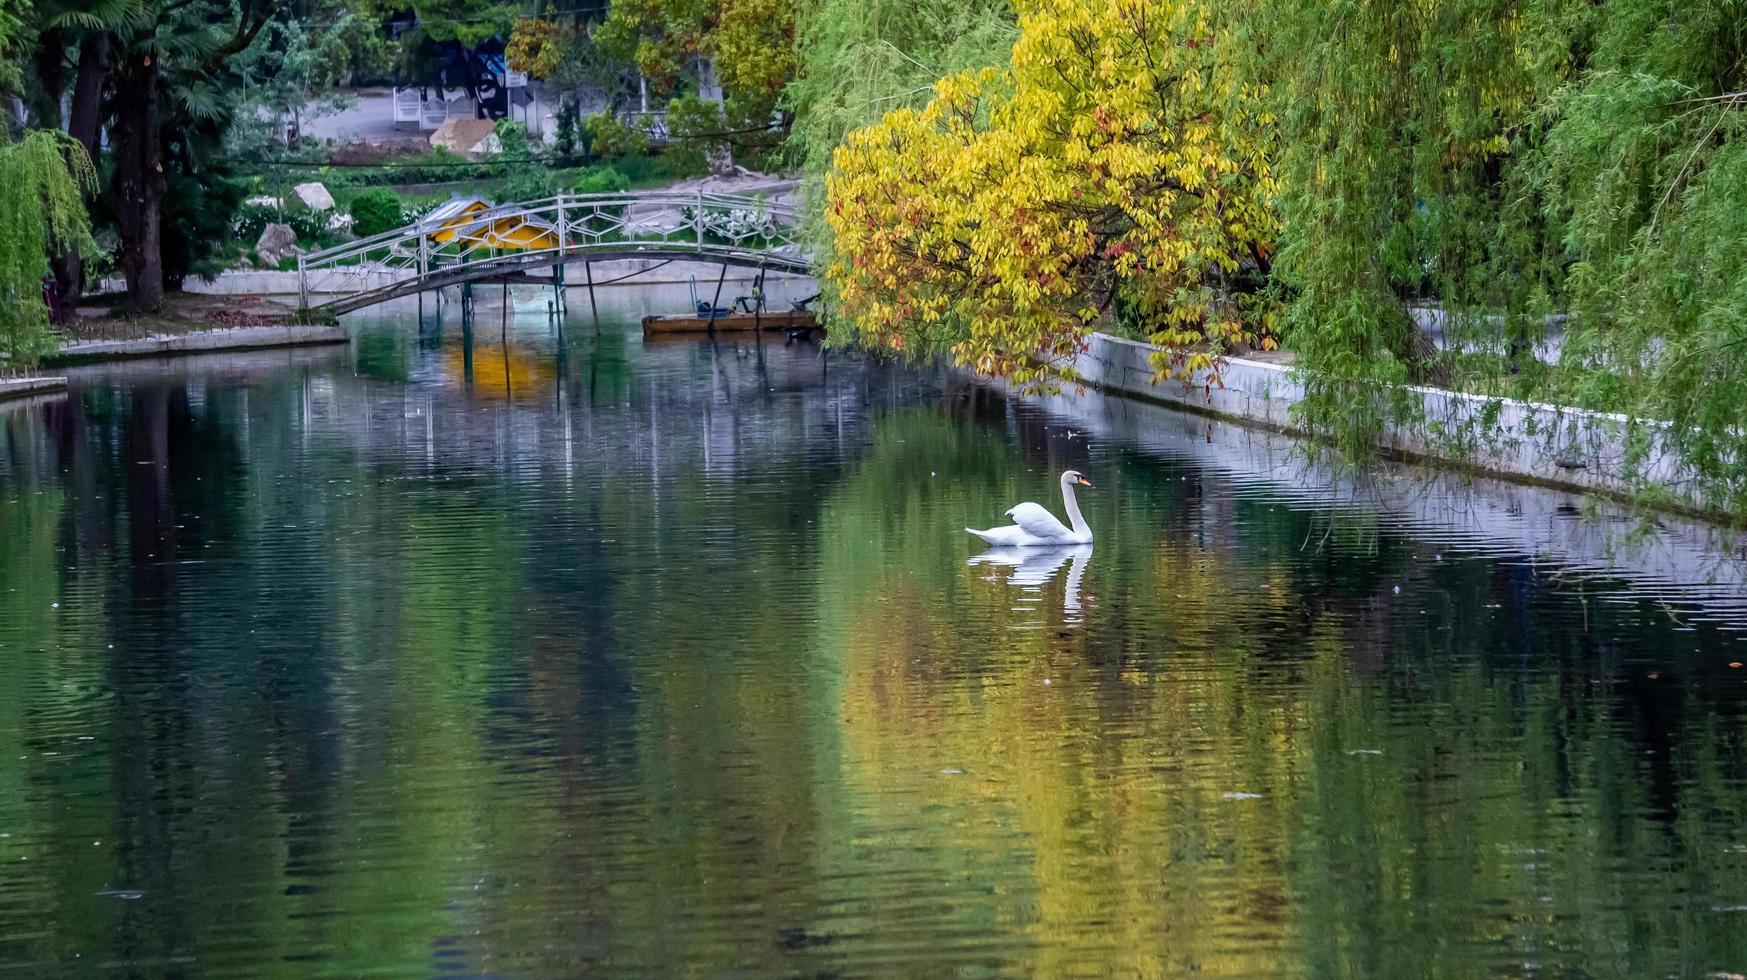 Paisaje con cisnes en un lago próximo en un parque arbolado en New Athos, Abjasia, Georgia foto